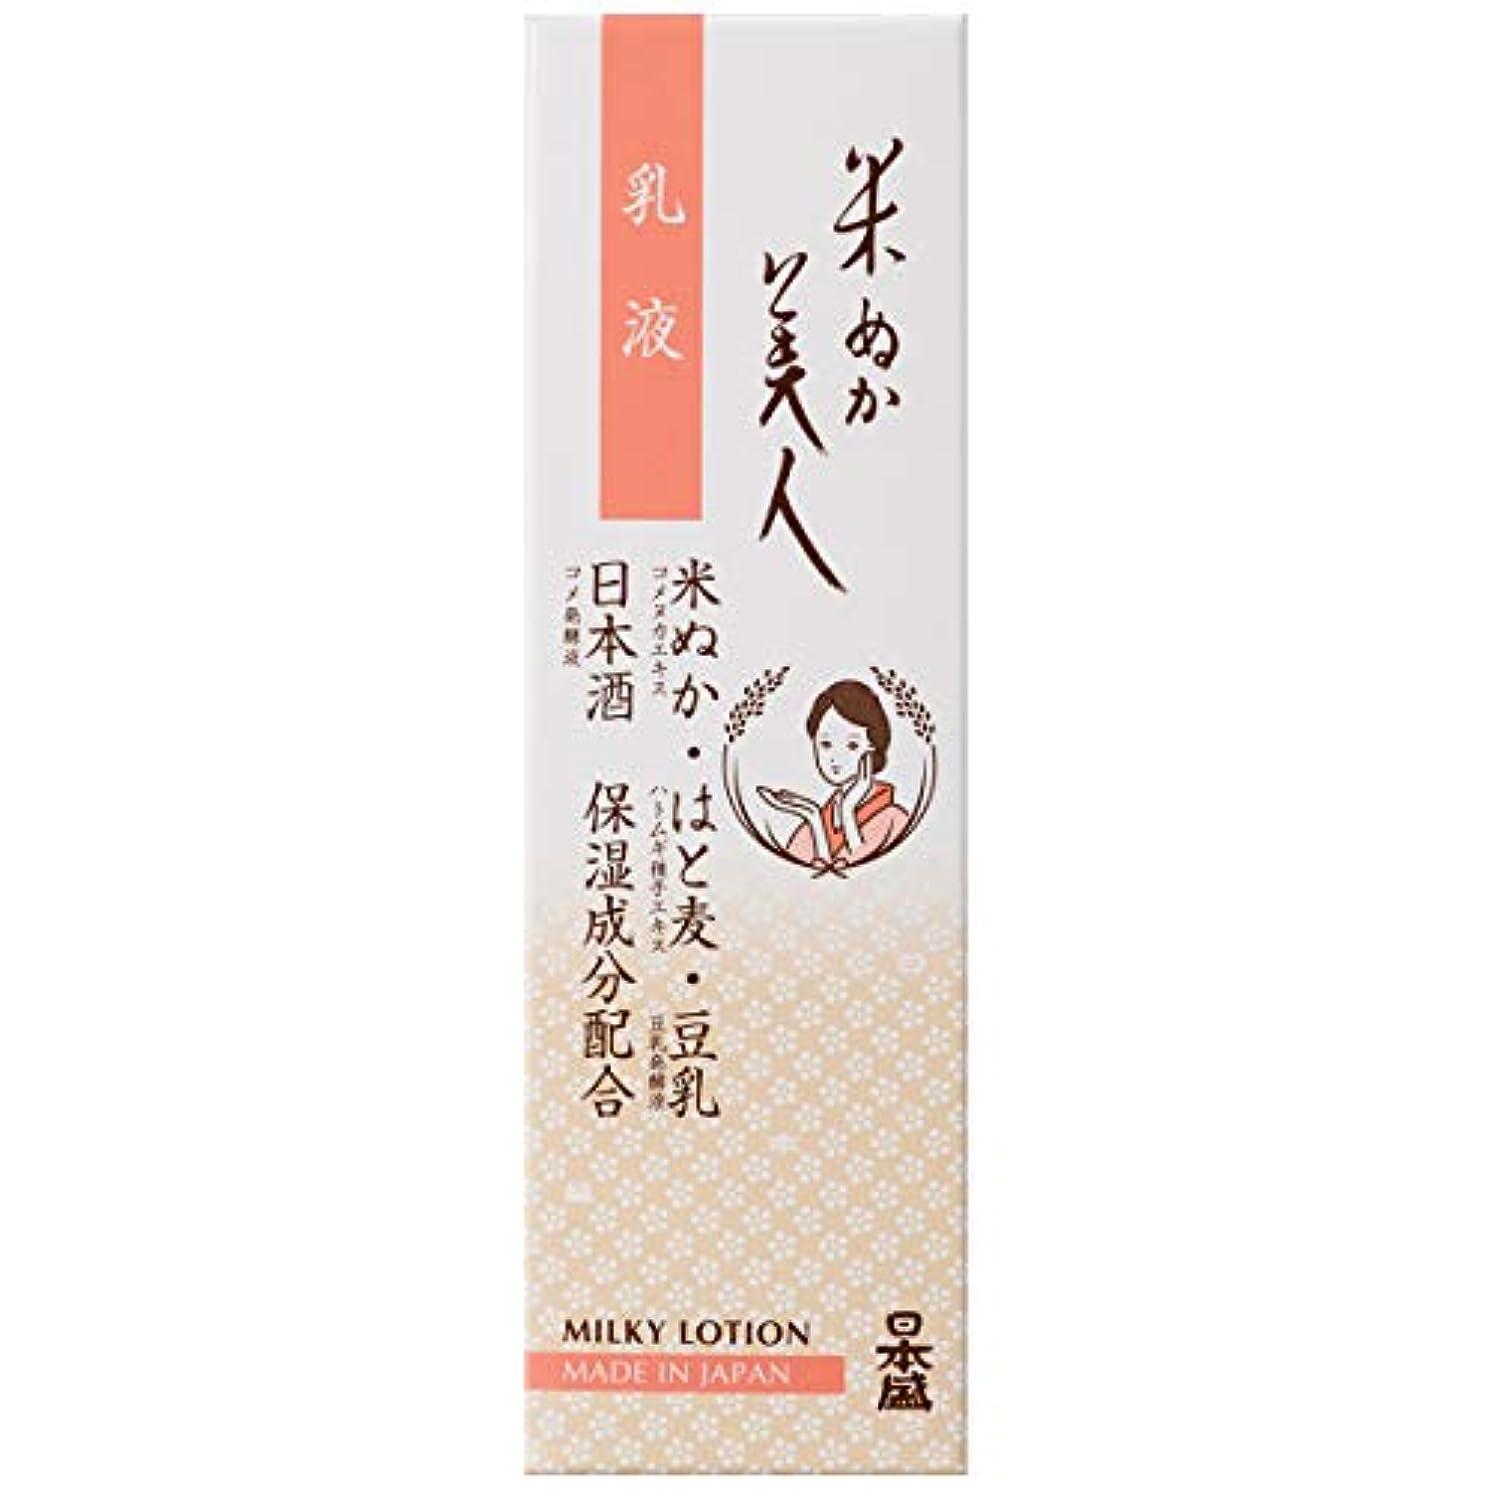 落ち着いてしなやかな正直日本盛 米ぬか美人 乳液 100mL(無香料 無着色)